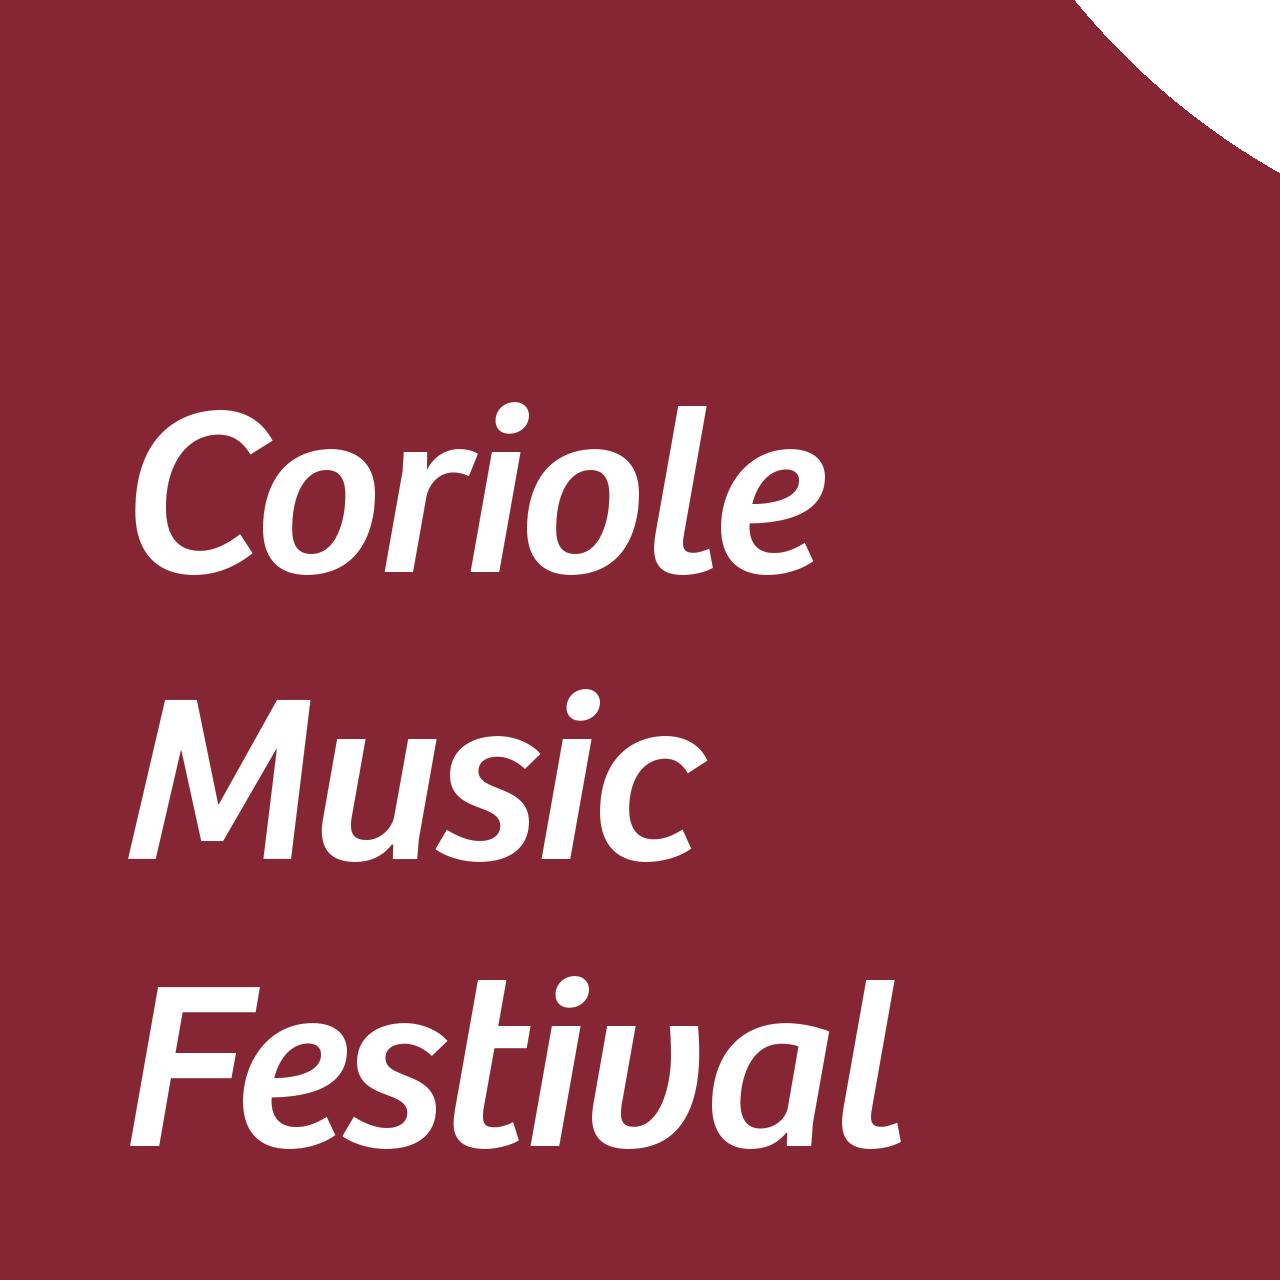 Coriole Music Festival